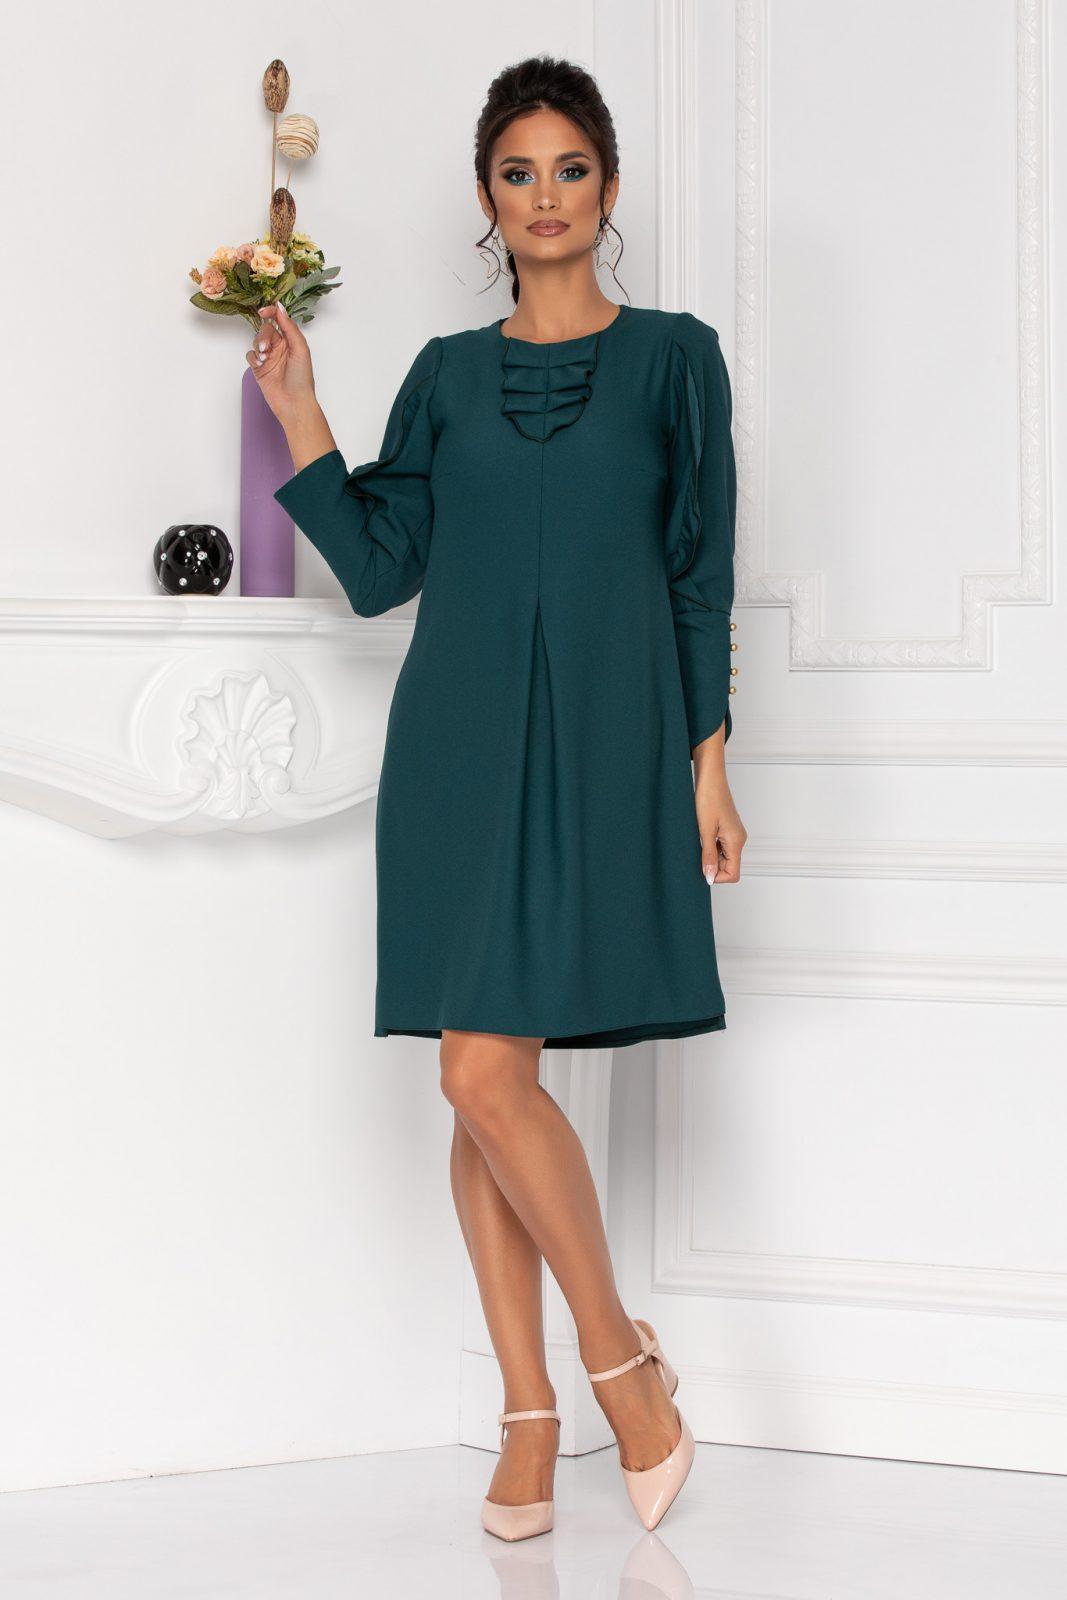 Πράσινο Φόρεμα Με Μακρύ Μανίκι Moze Flavia 8431 2